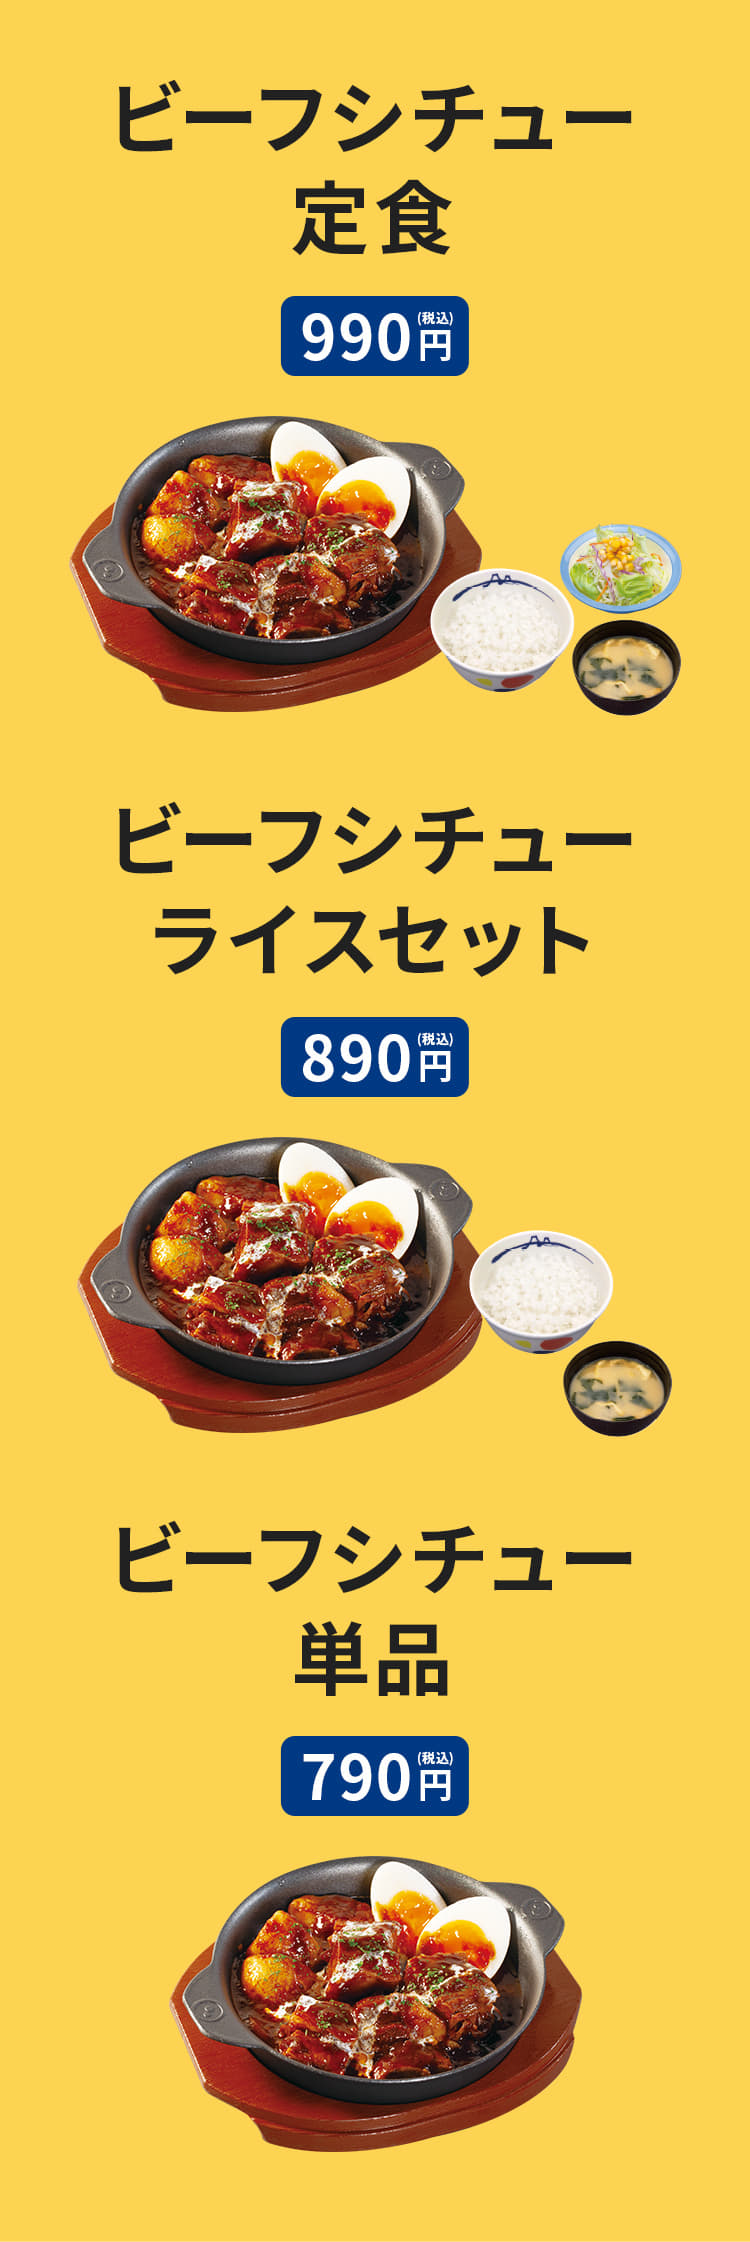 ビーフシチュー定食(ライス・みそ汁・生野菜付) 990円。ビーフシチューライスセット(ライス・みそ汁付) 890円。 単品 790円。